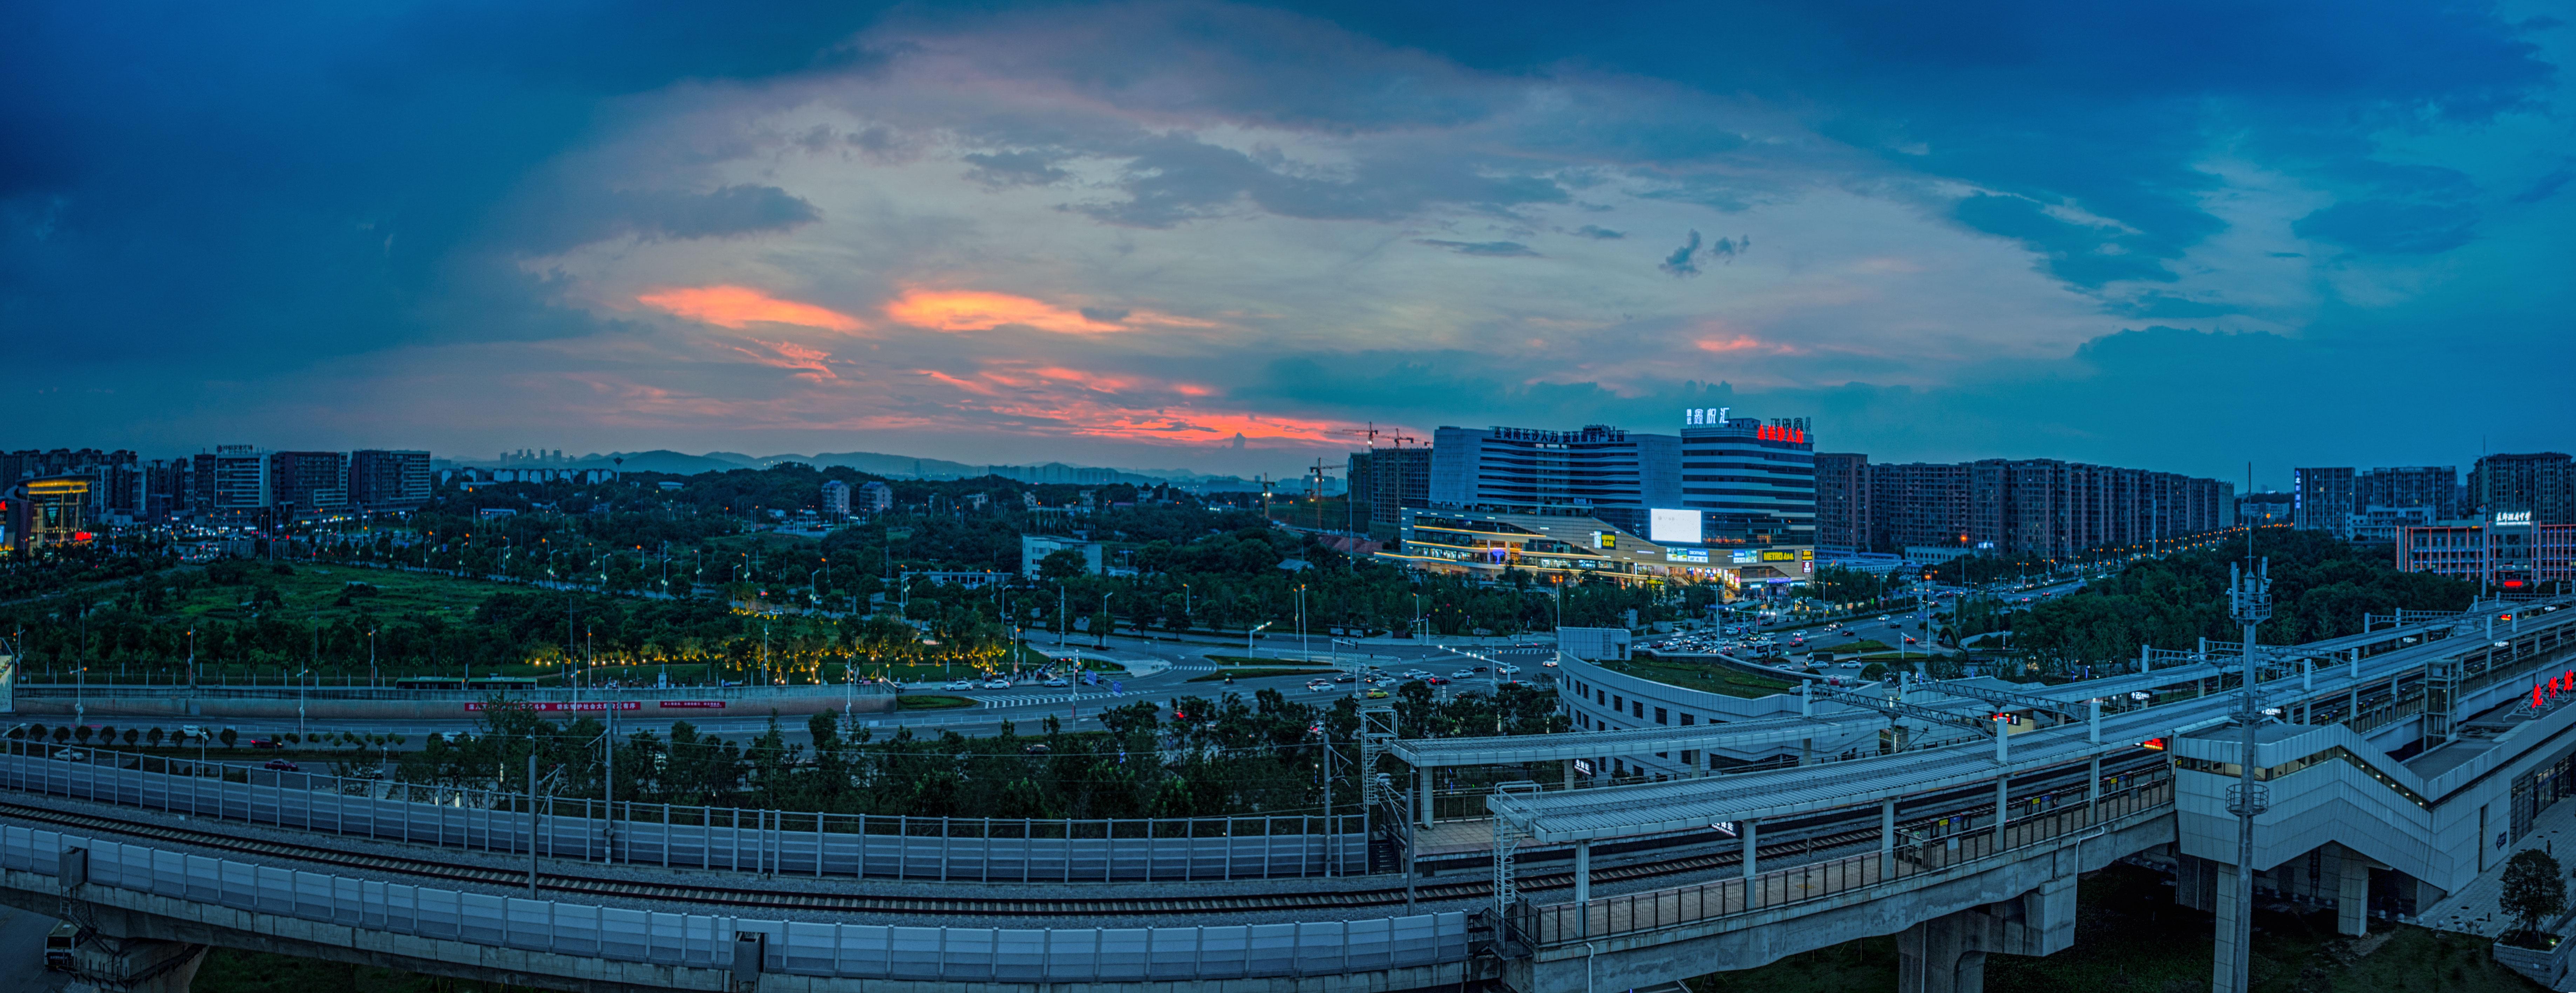 【15号作品:一路向南】 晚霞天边映照,城际铁路一路向南连接湘潭、株洲,融城核心一片生机。